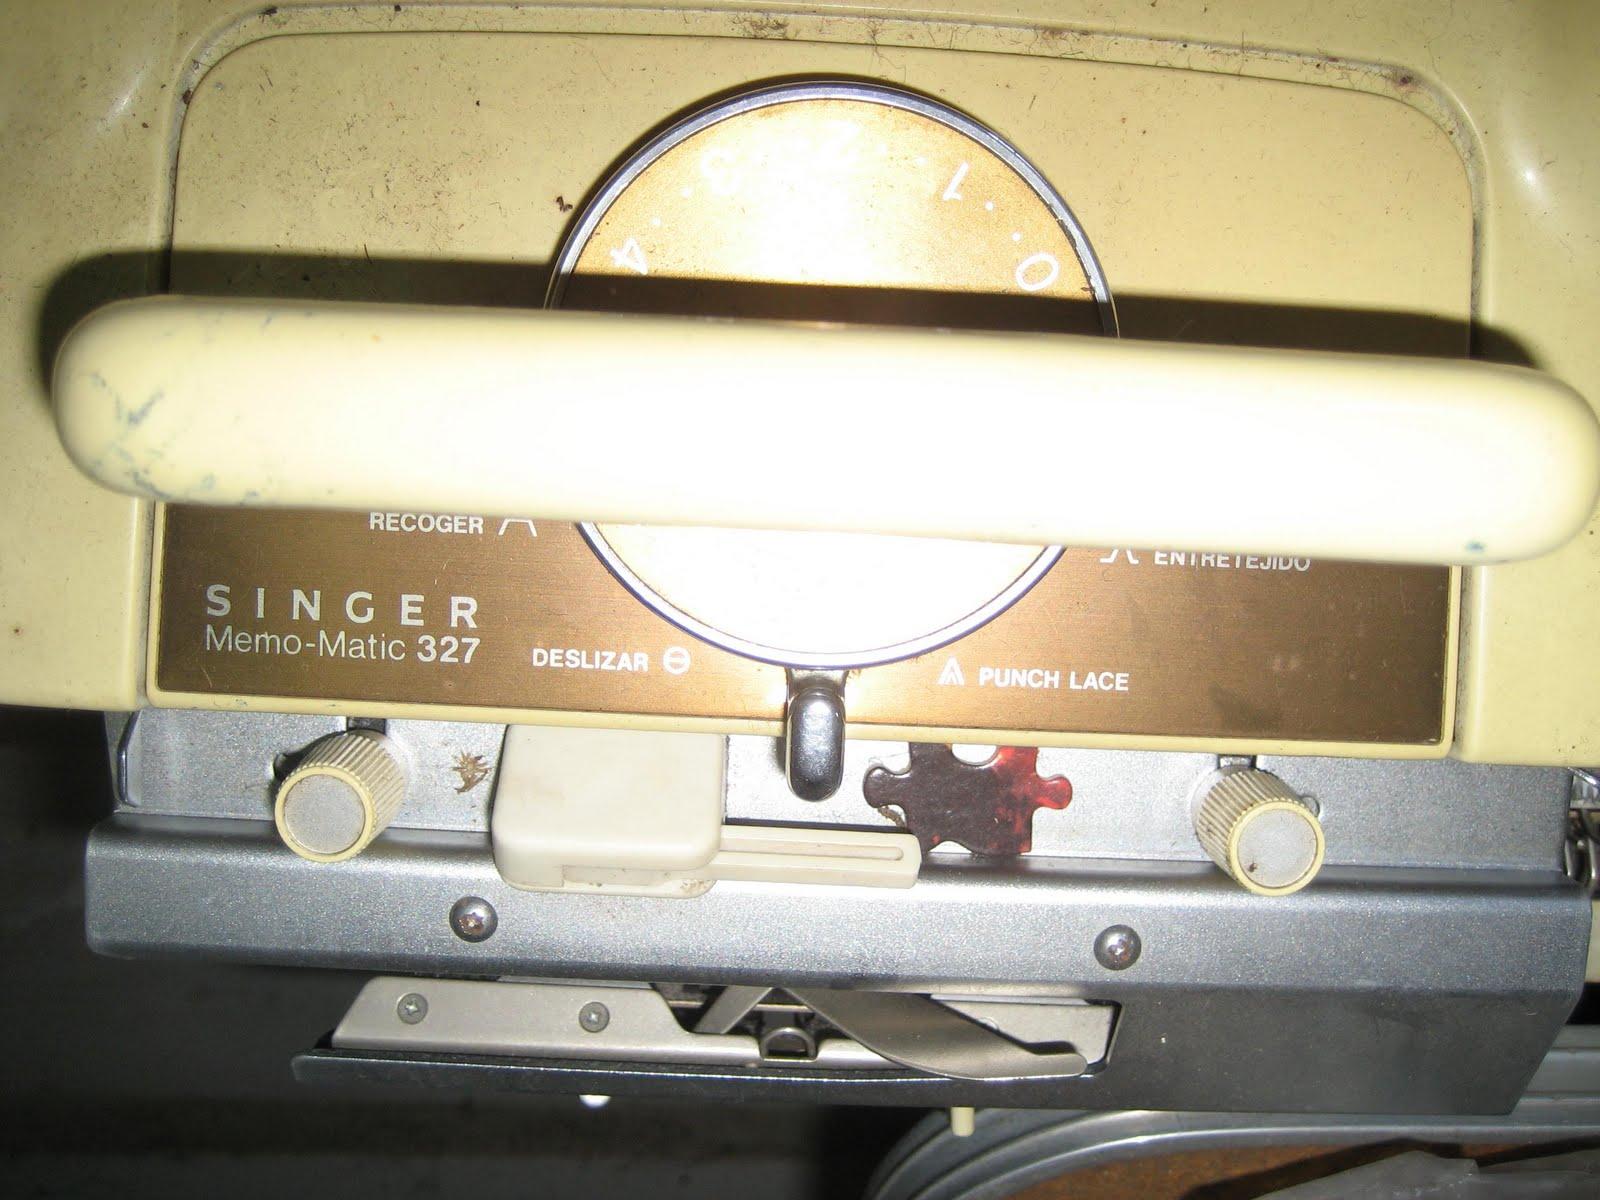 articulos a la venta por poca plata: Maquina De Tejer Singer Memo ...